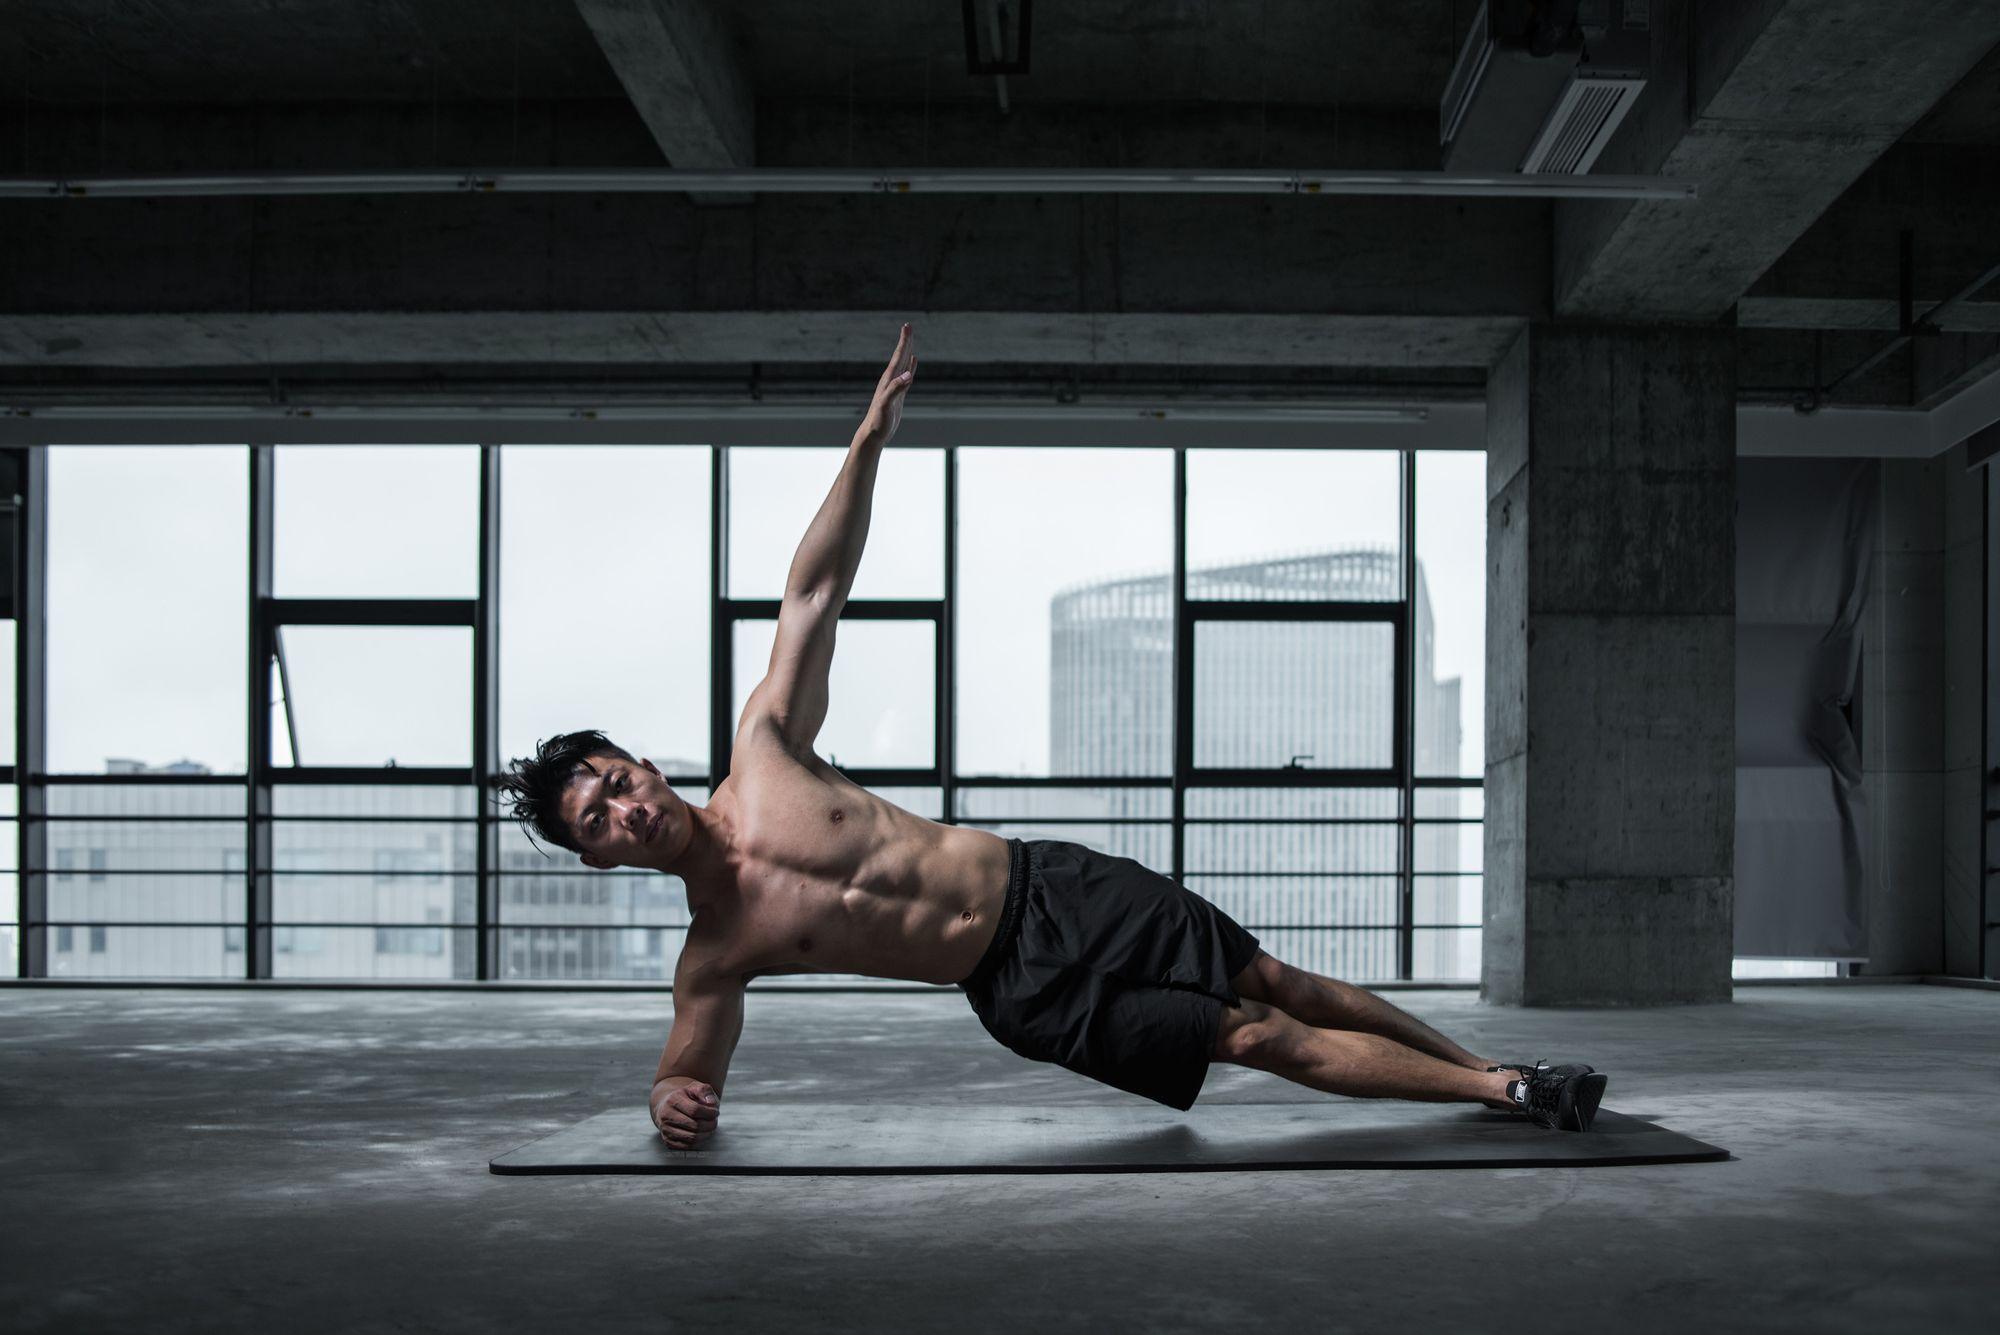 Man striking a yoga pose